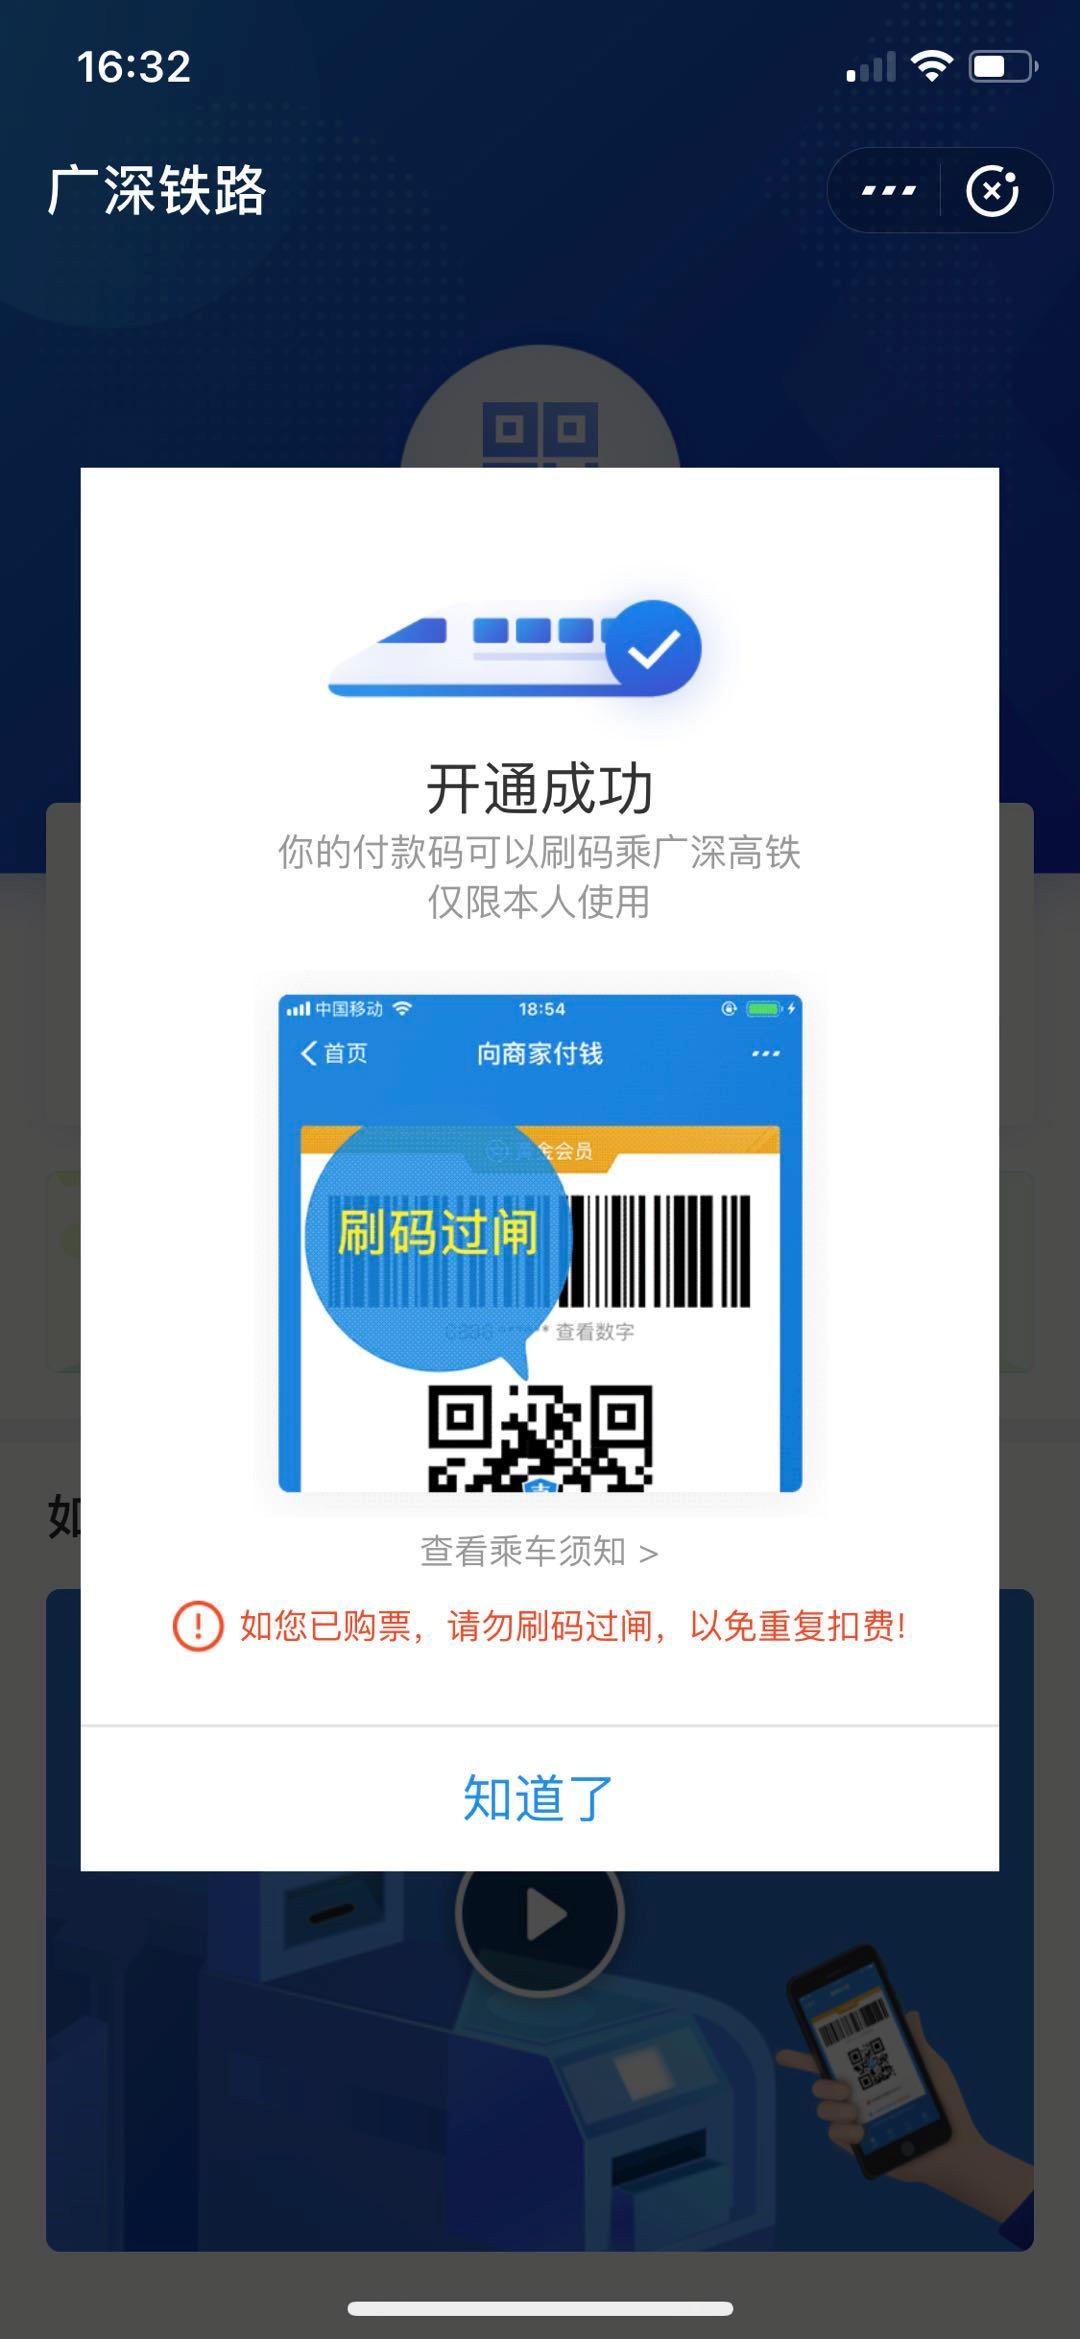 方便!广东这三条城际铁路扫码就能乘车!无需提前购票!插图18